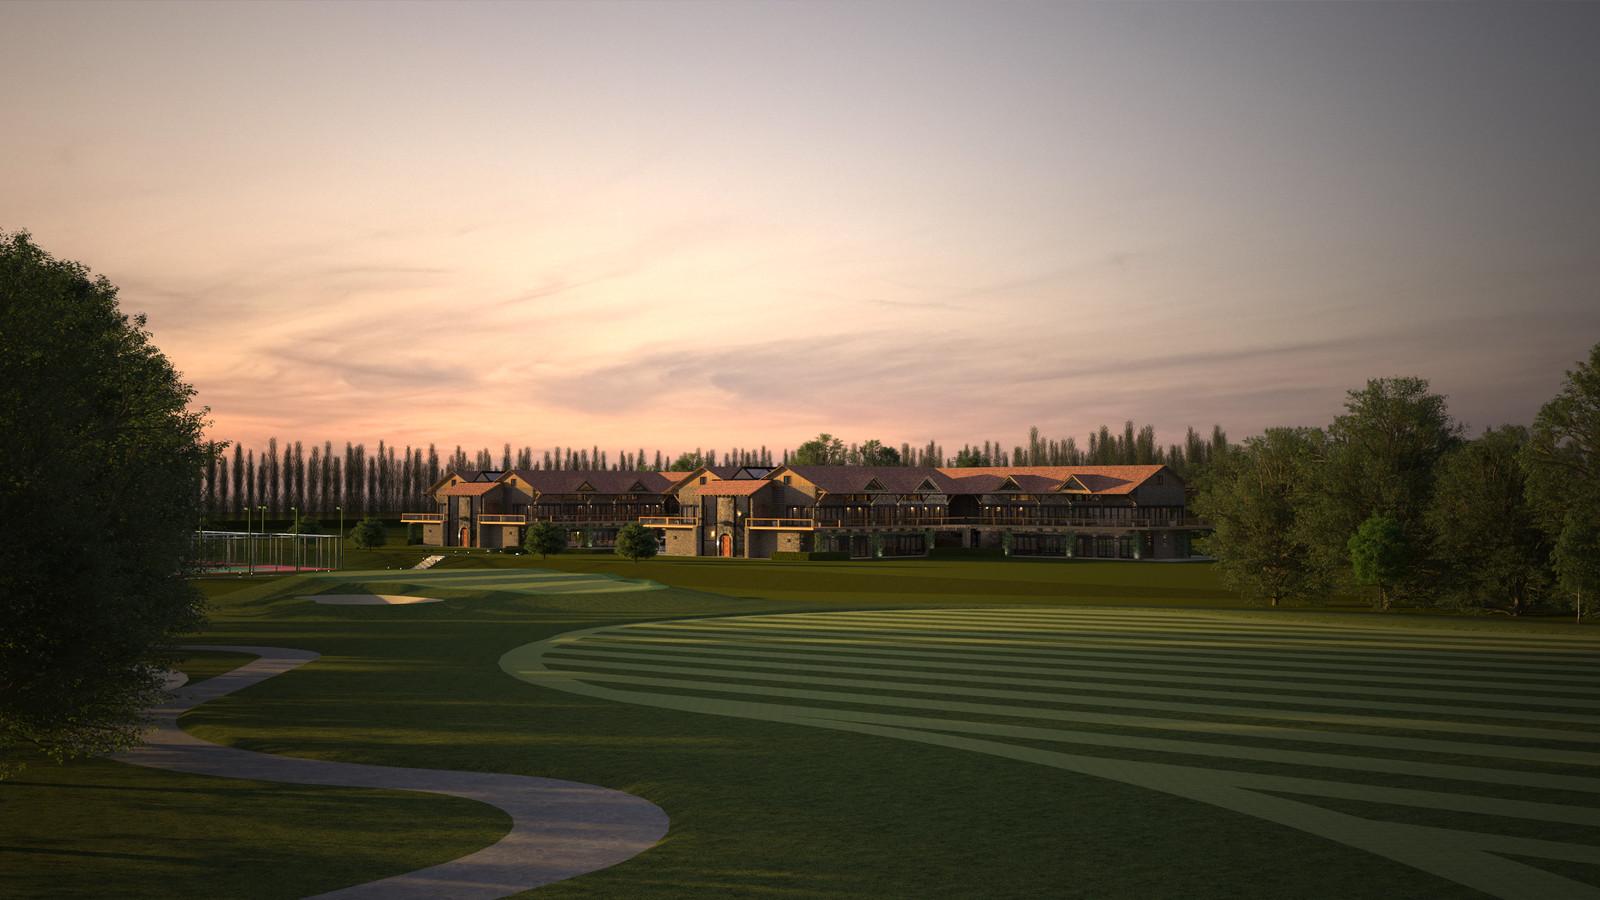 Original model from 2014 La Grange- Rivendell Resort: Golf to Center 02 E  SU + Thea Render